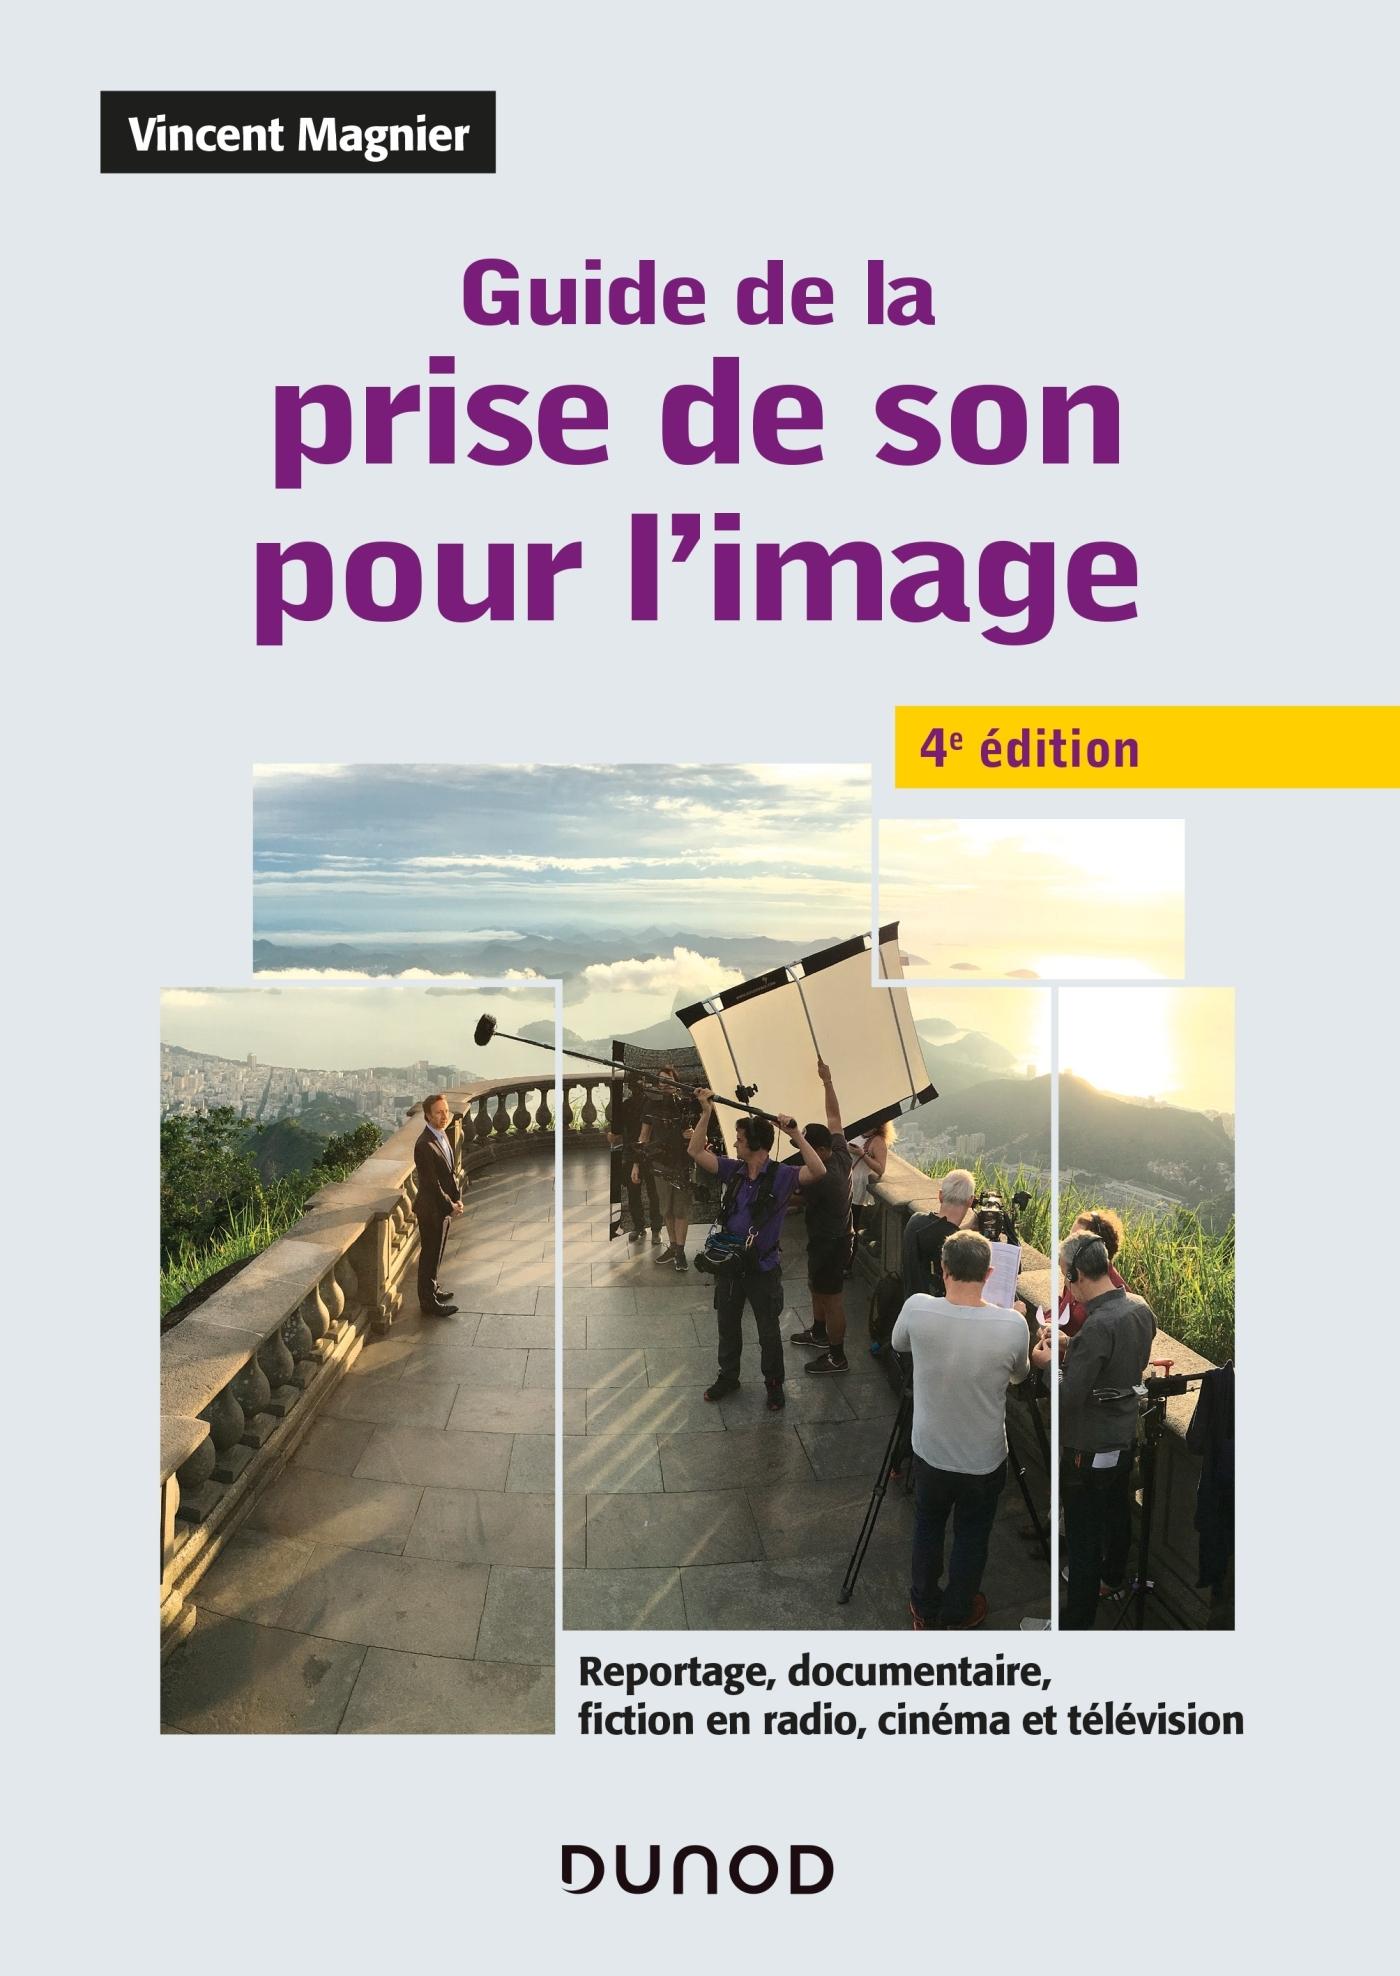 GUIDE DE LA PRISE DE SON POUR L'IMAGE - 4E ED.